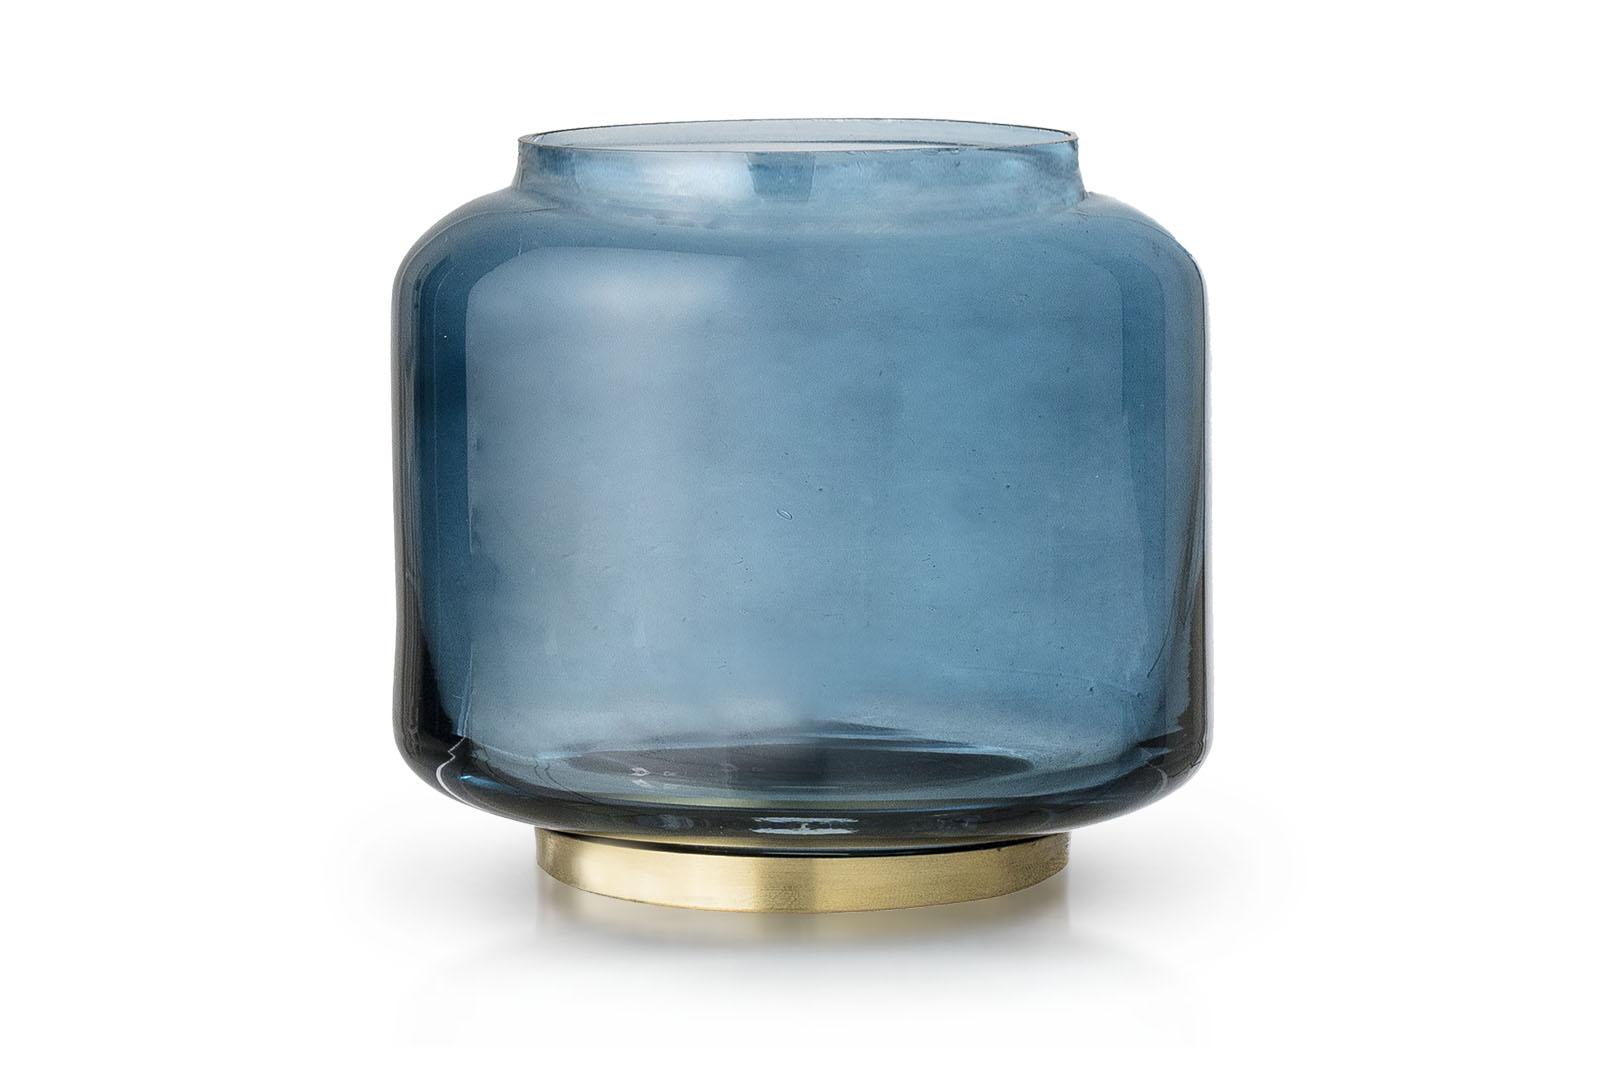 Bloomingville(ブルーミングヴィル) 綺麗なブルーカラーガラスのキャンドルホルダー